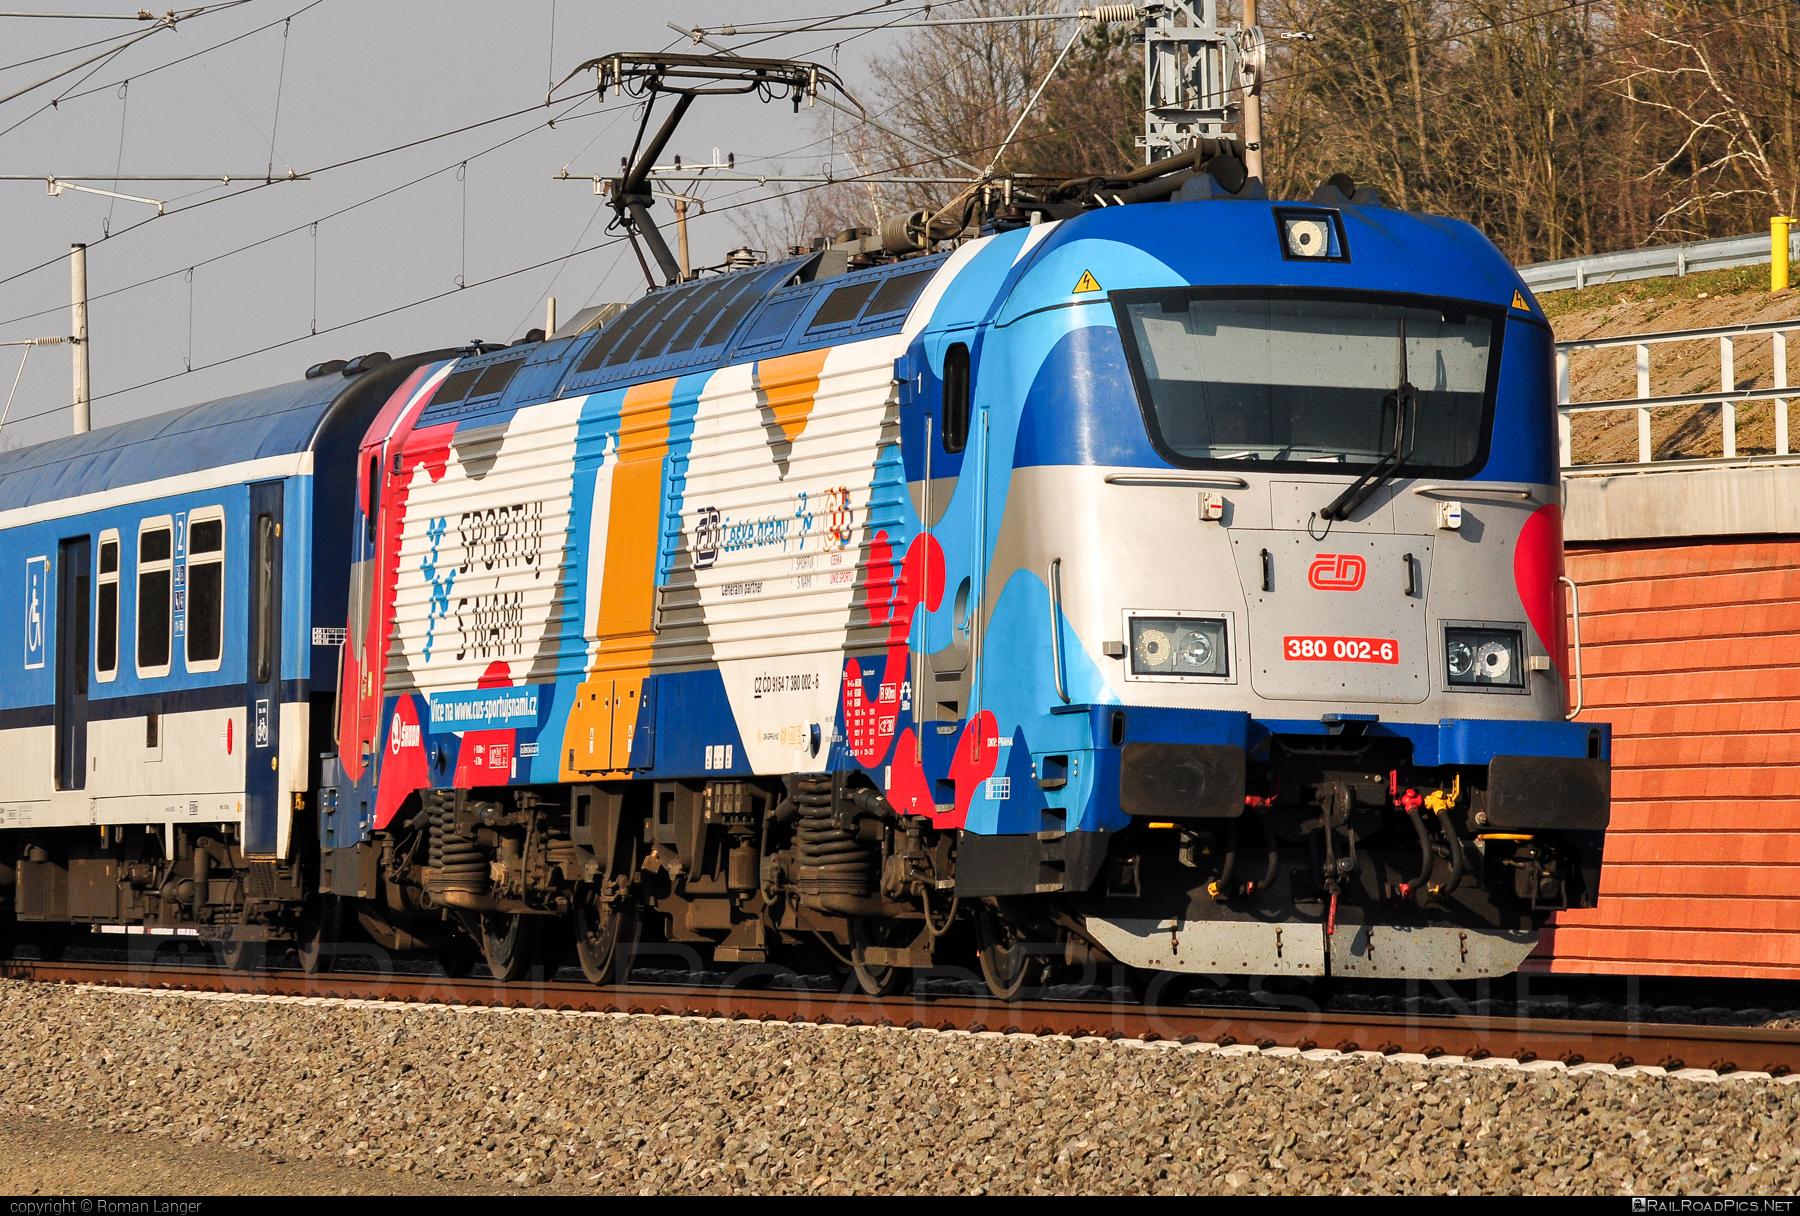 Škoda 109E0 Emil Zátopek - 380 002-6 operated by České dráhy, a.s. #ceskedrahy #emilzatopeklocomotive #locomotive380 #skoda #skoda109e #skoda109elocomotive